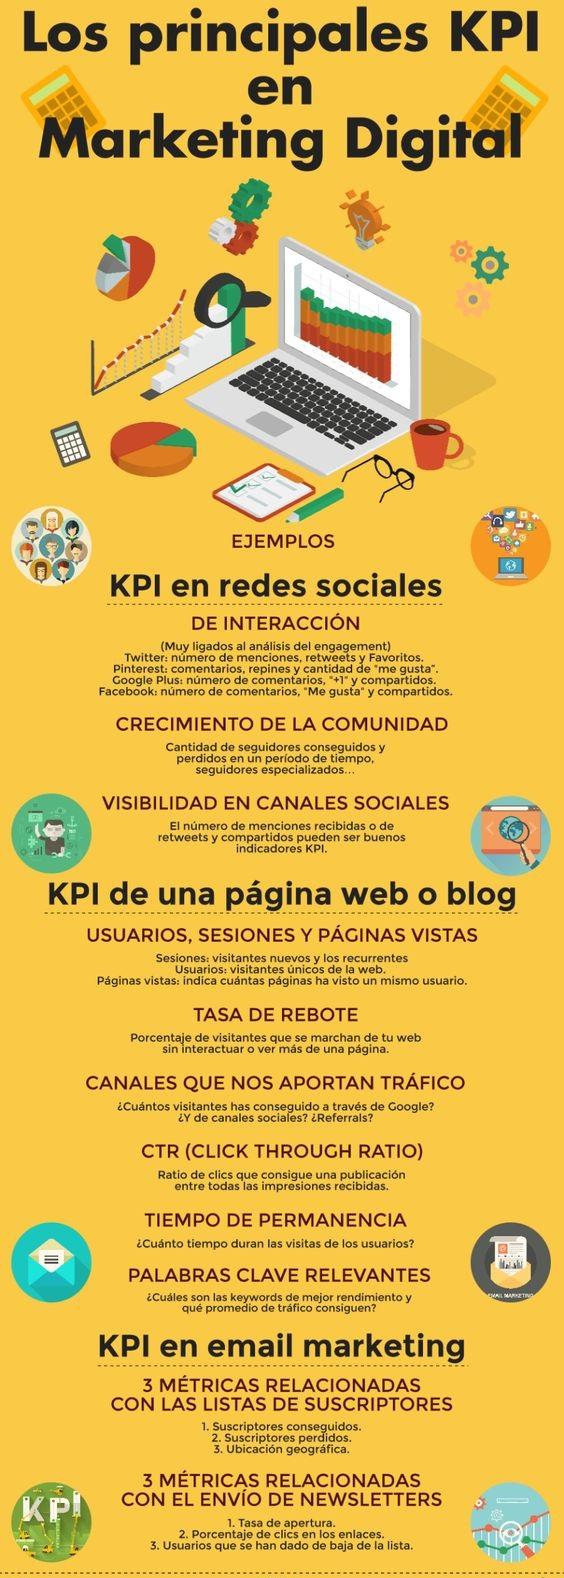 Principales KPI en Marketing Digital